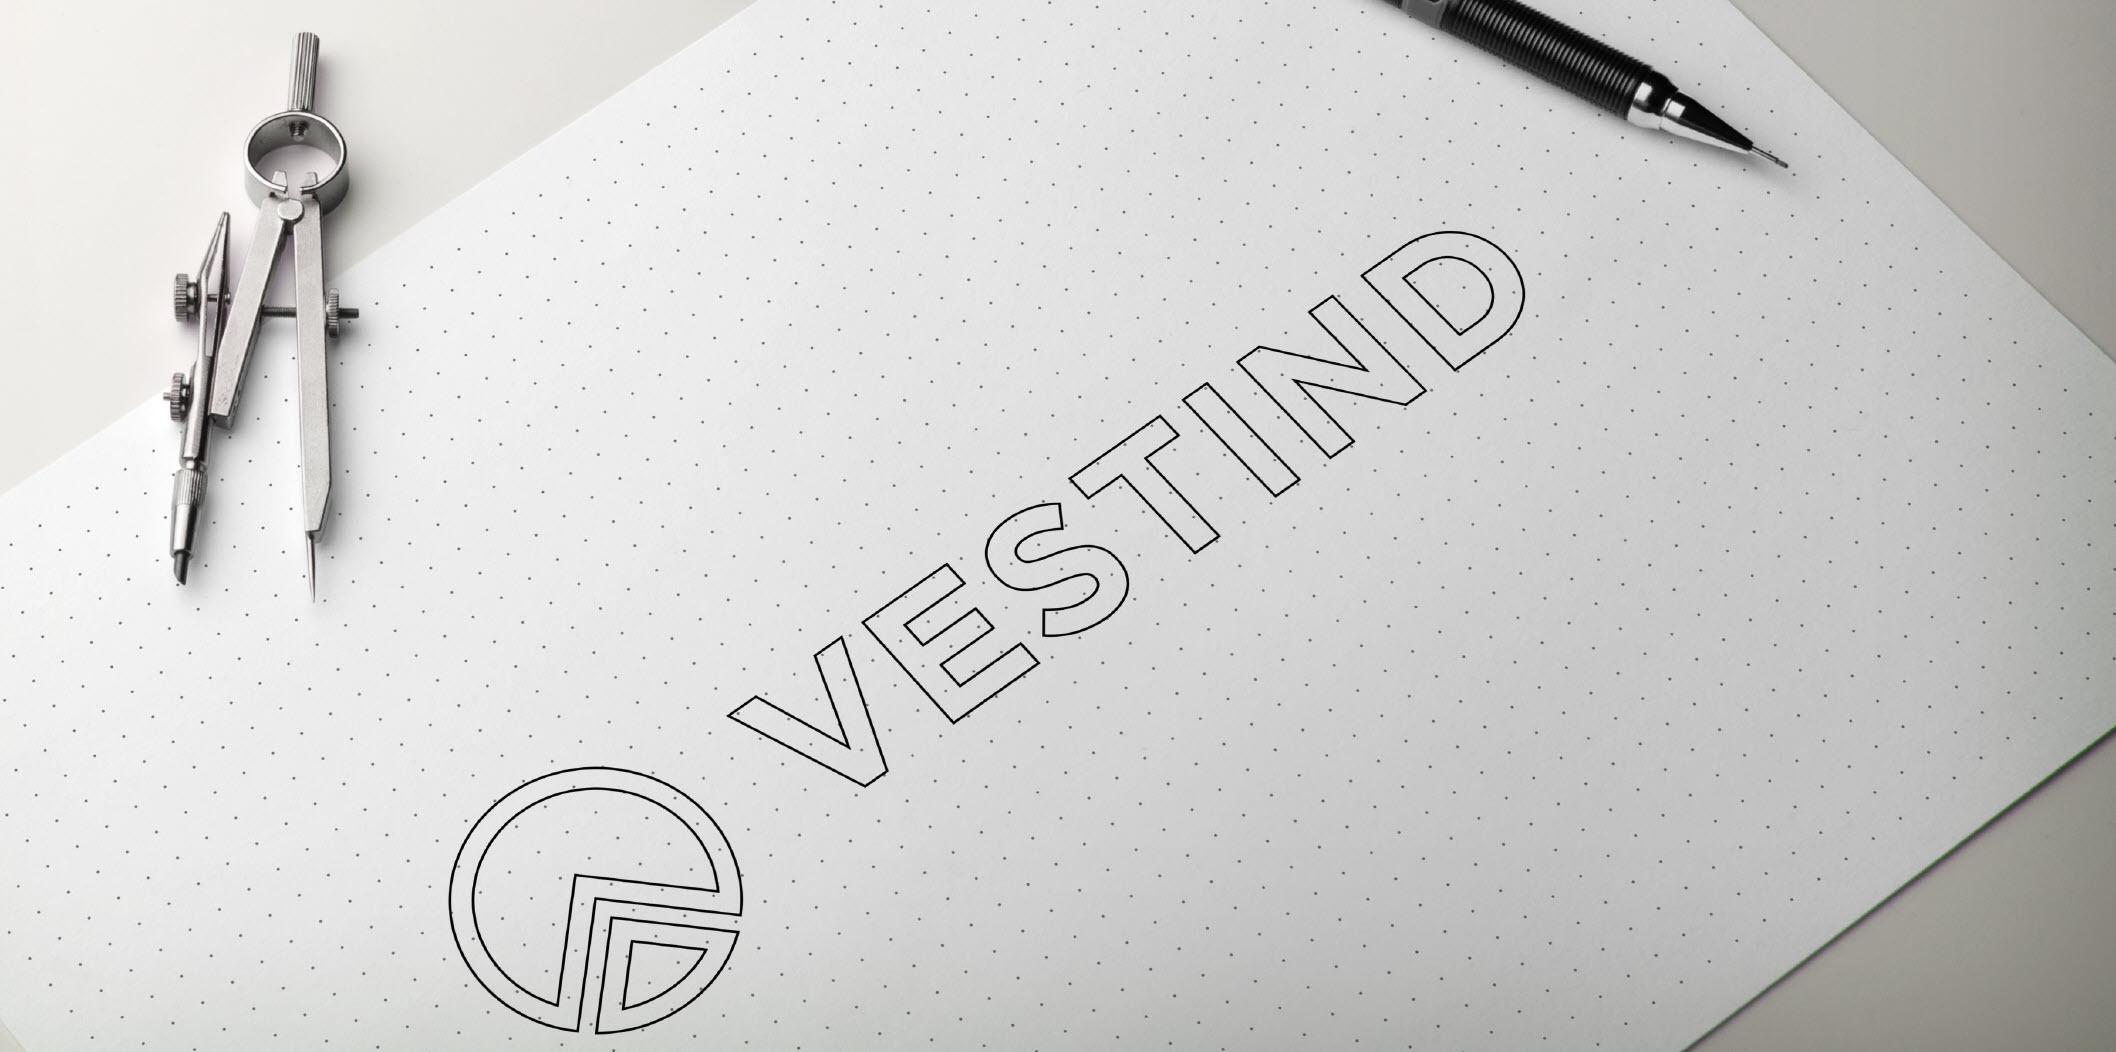 Logo og visuell profil - Kunde ønskte seg ein enkel, stilrein profil med få fargar.